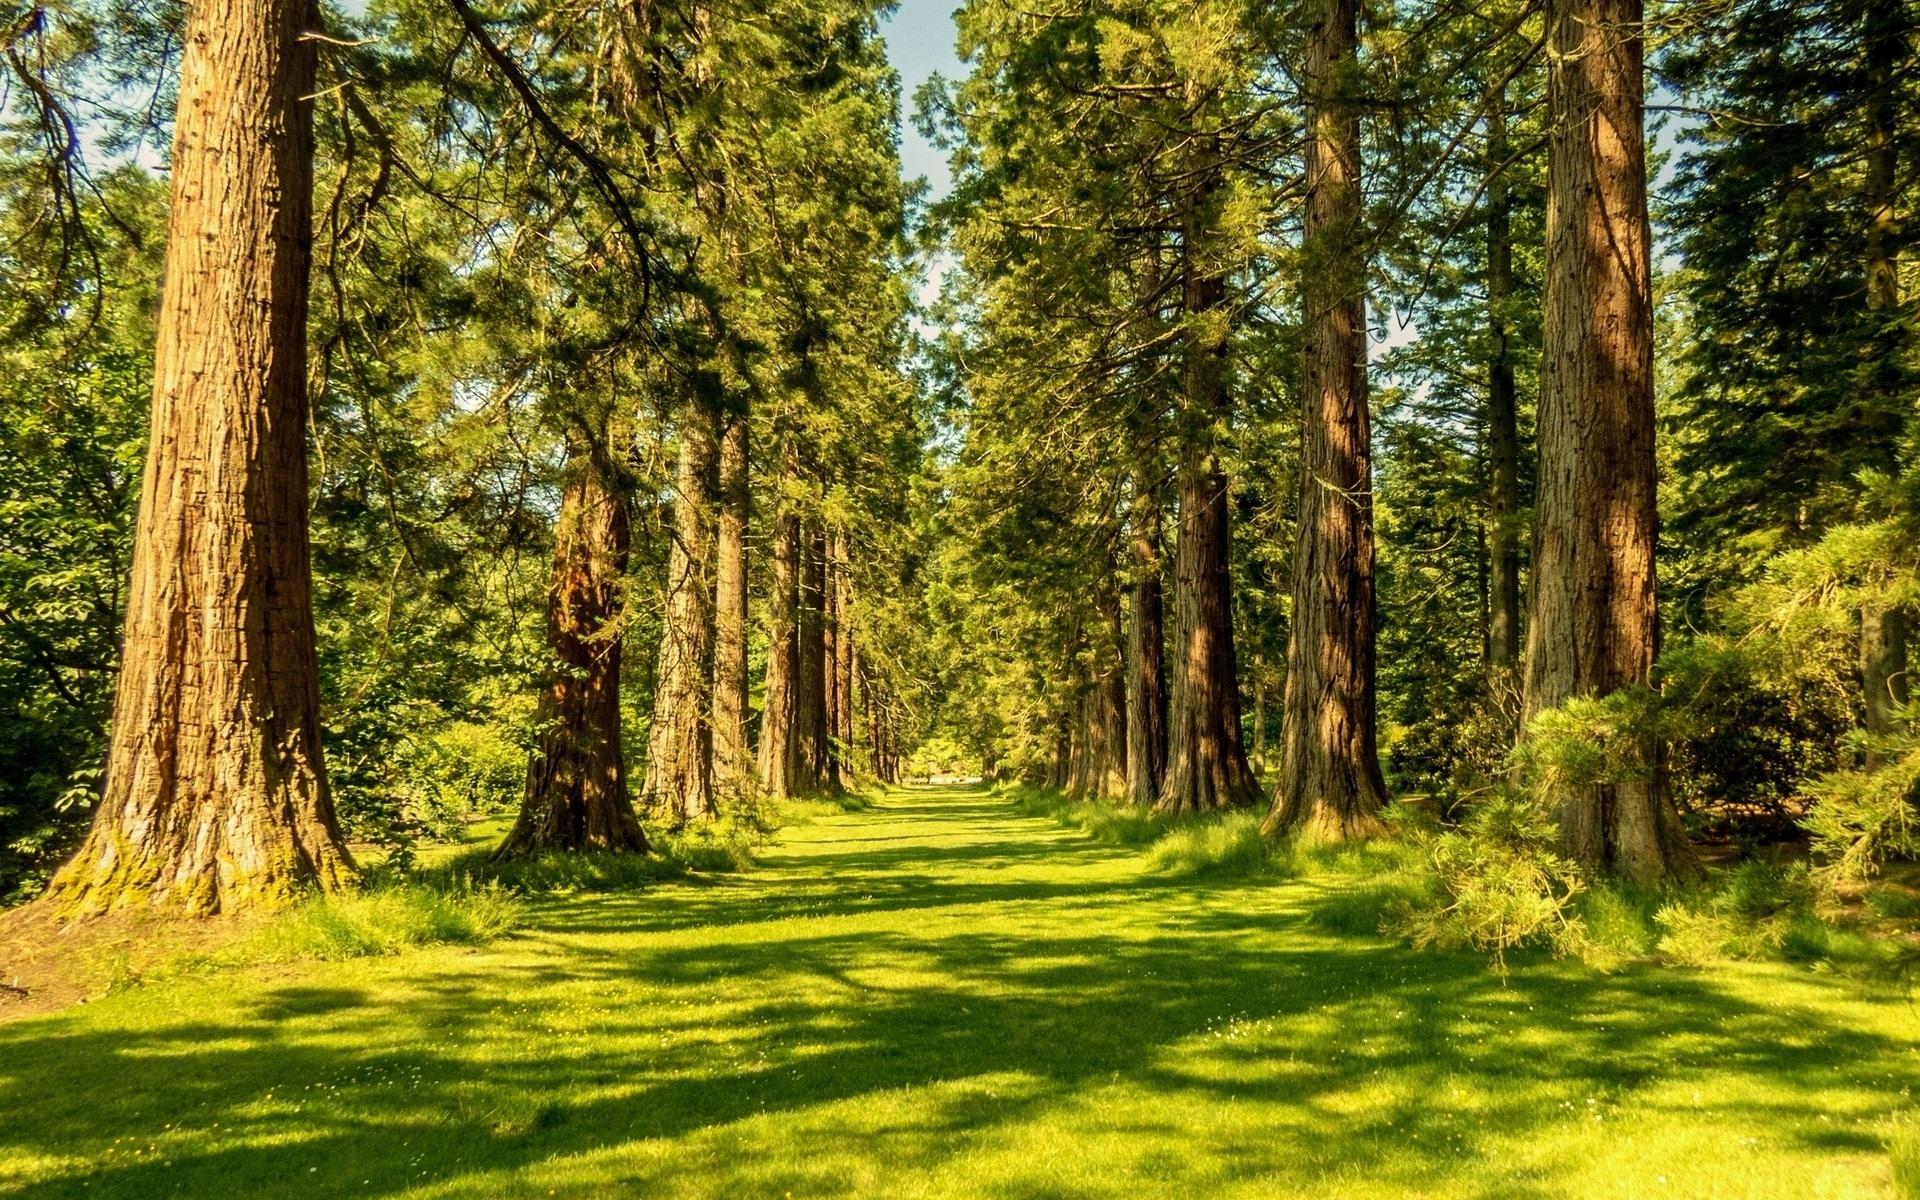 25561 скачать обои Пейзаж, Деревья, Трава, Дороги - заставки и картинки бесплатно